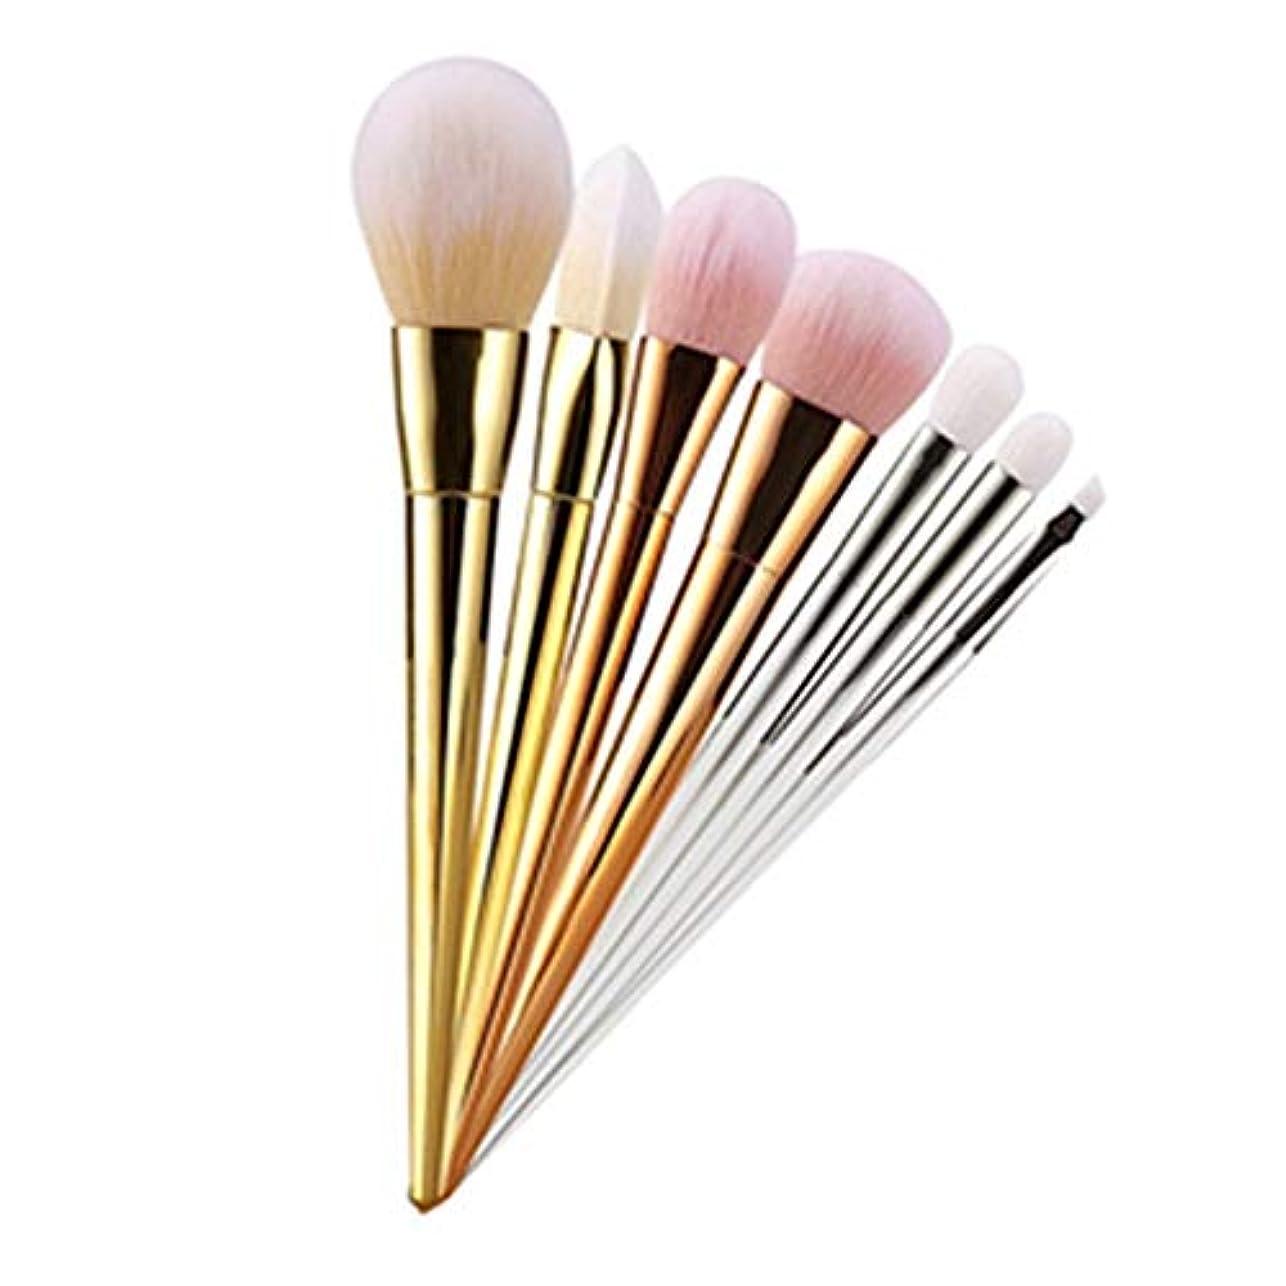 美容メイク 7ピース 化粧ブラシセット メイクブラシ 化粧筆 シリーズ 化粧ブラシセット 高級タクロン 超柔らかい 可愛い